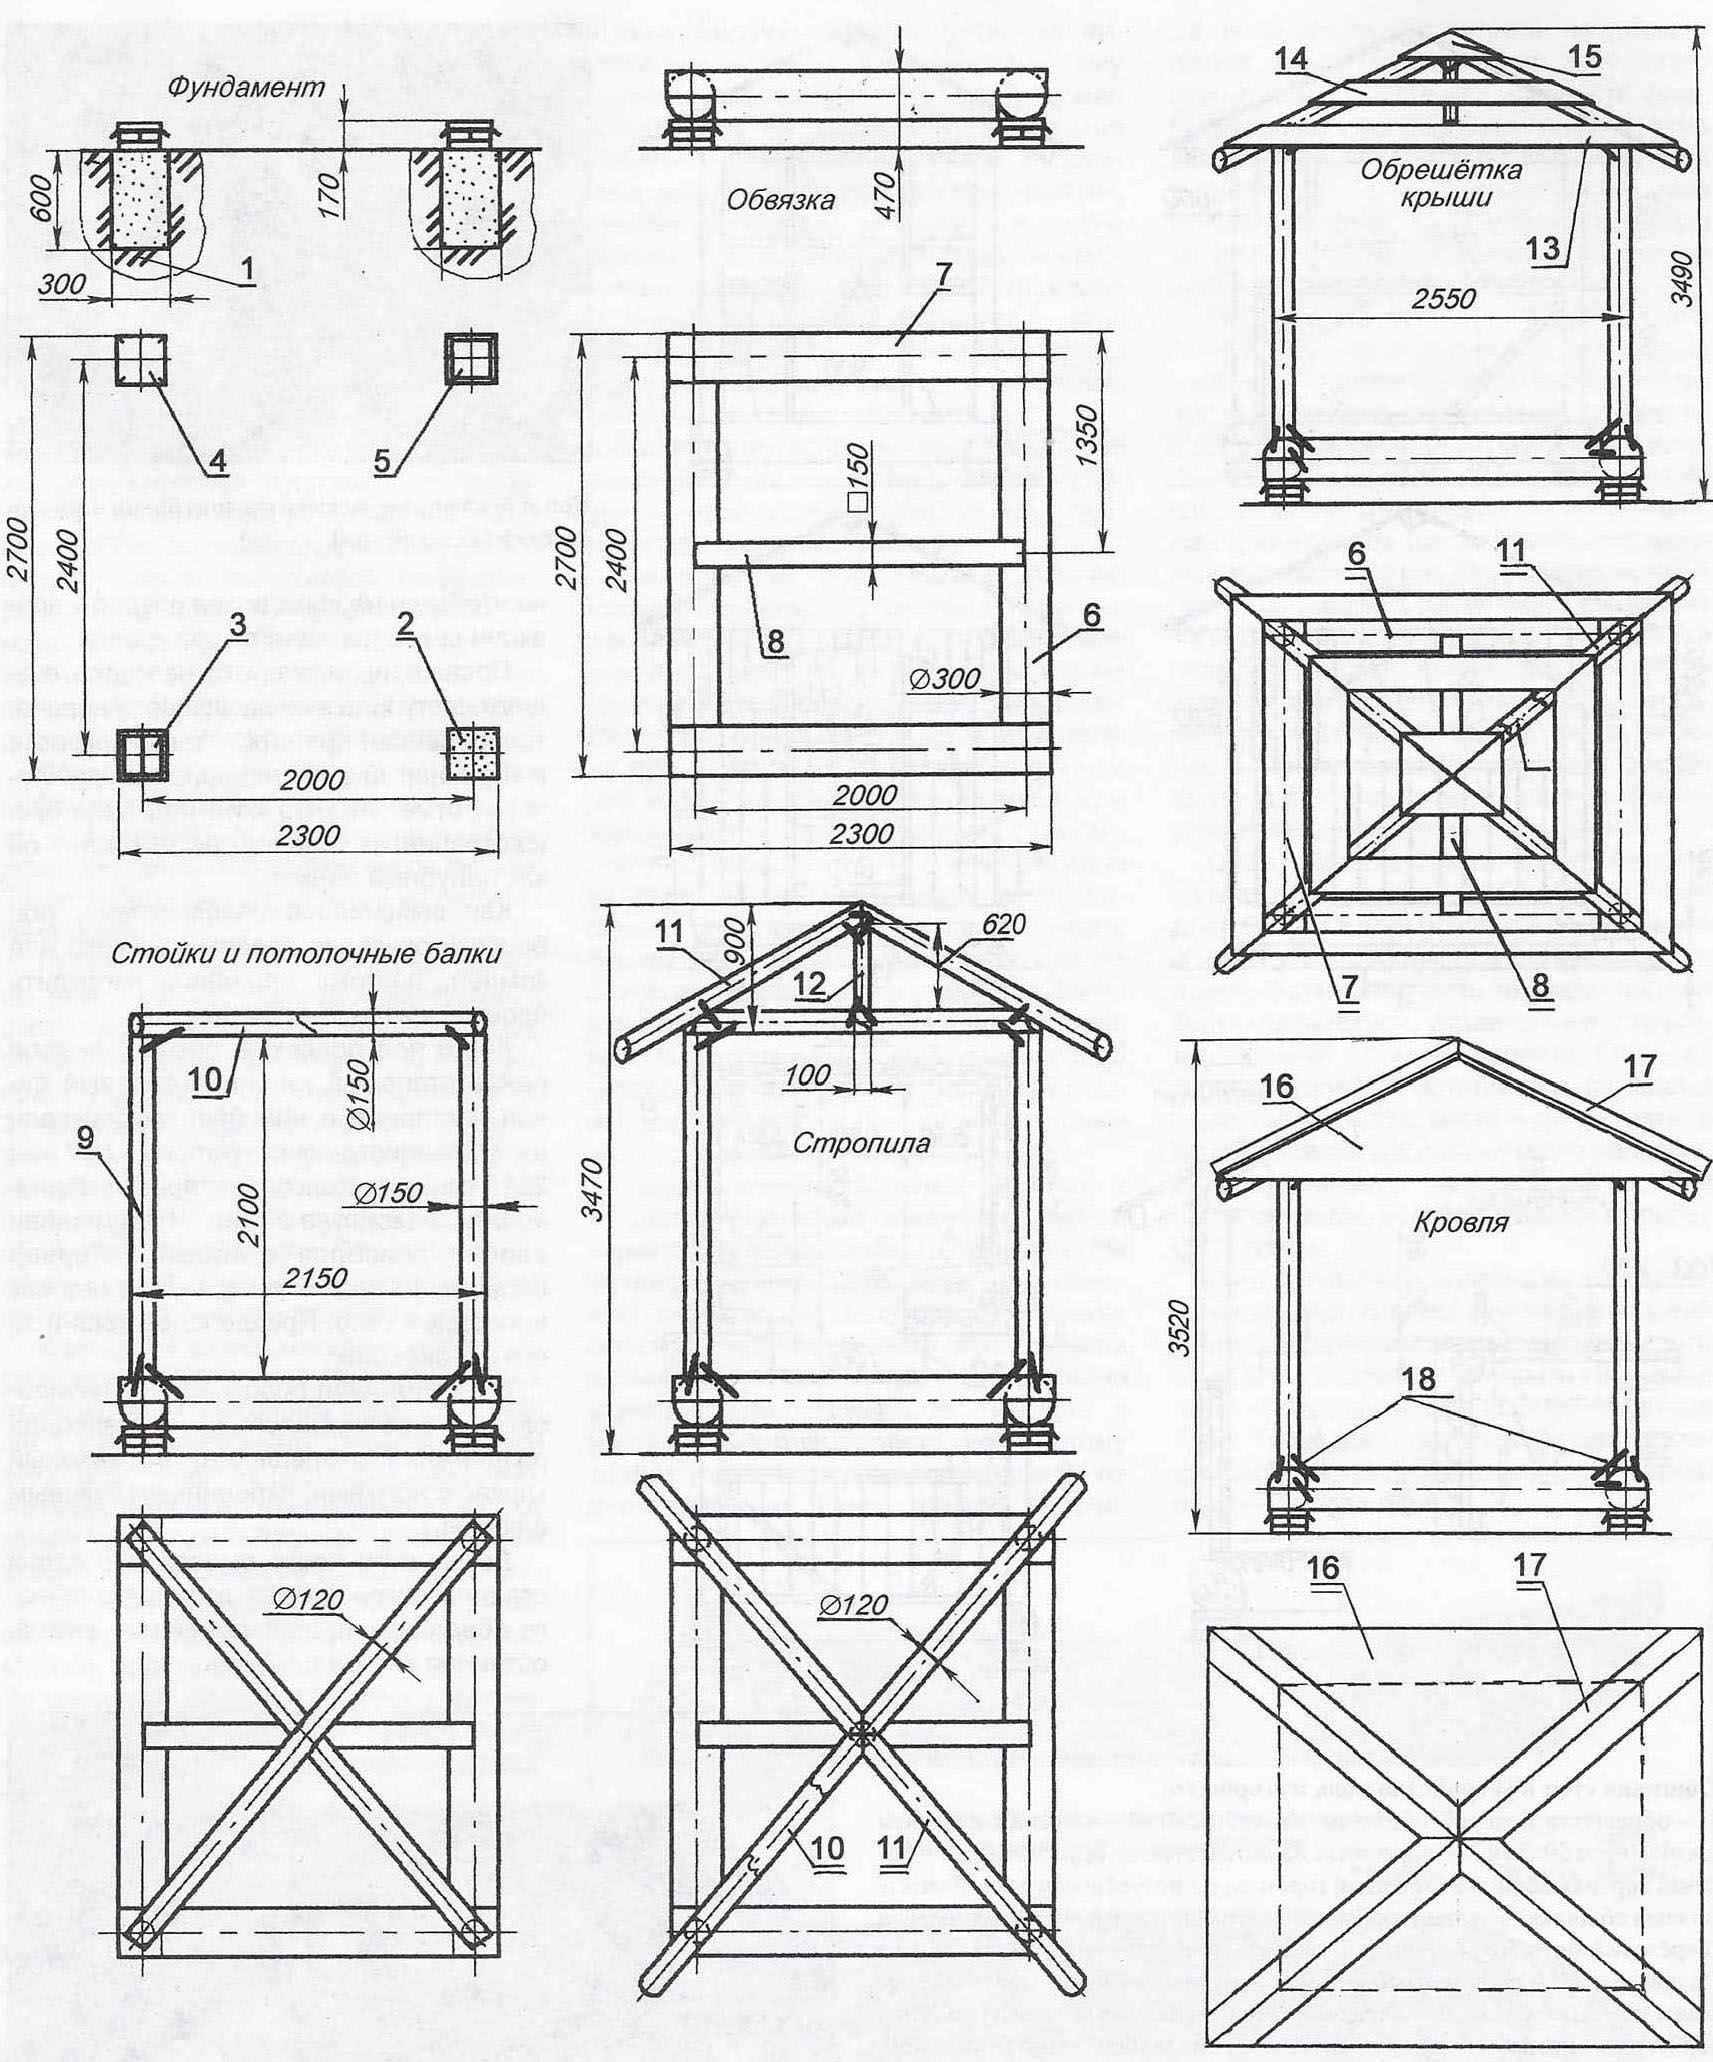 Устройство каркаса (обвязки, угловых стоек, потолочных балок), крыши и кровли